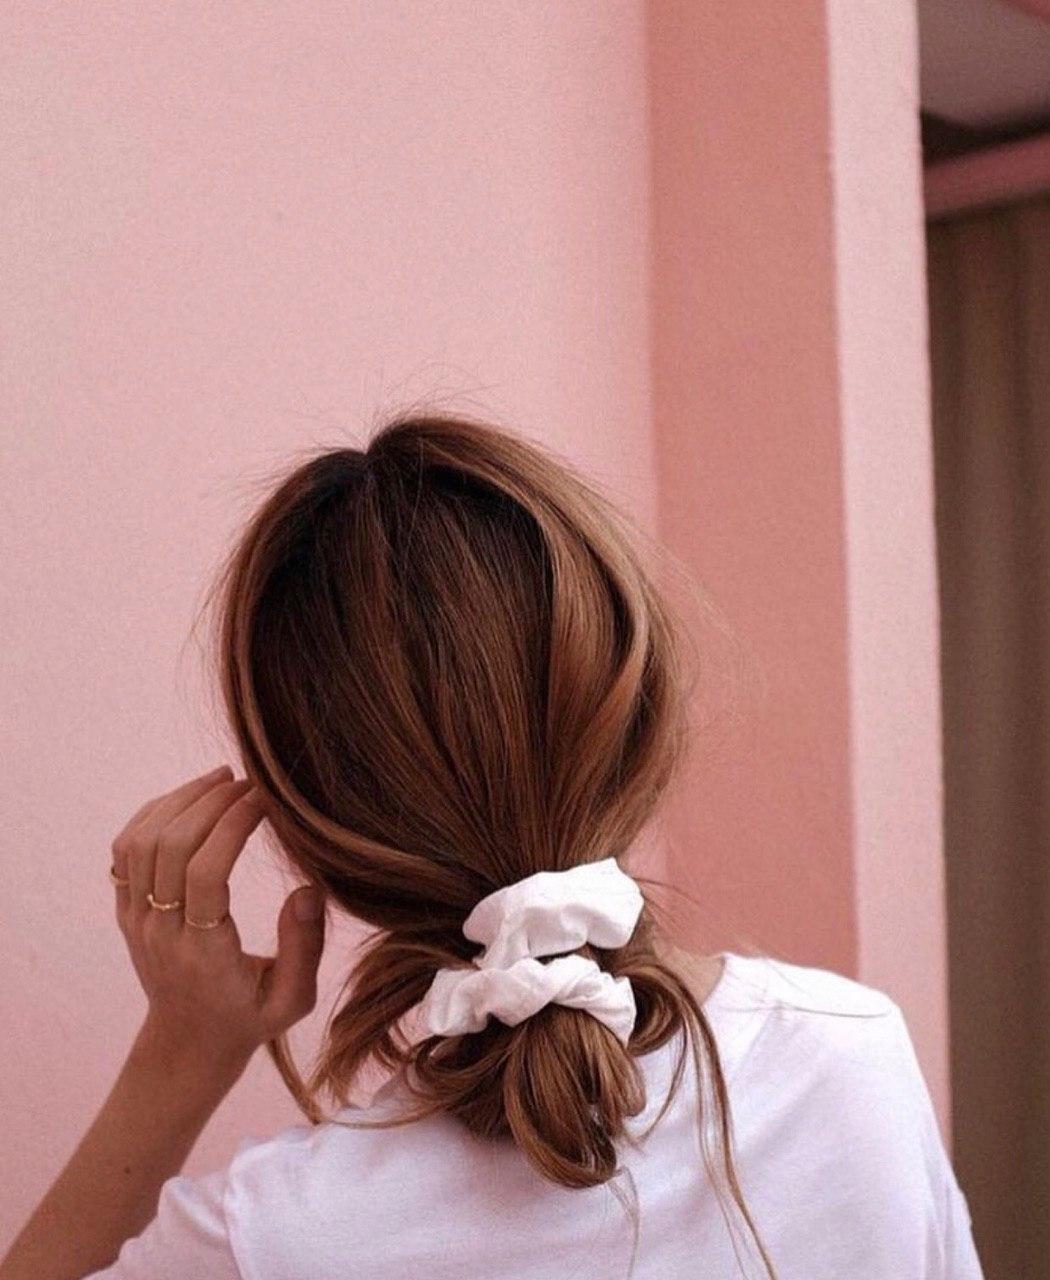 Летнее настроение: уход за волосами и легкие прически на отдых-Фото 5